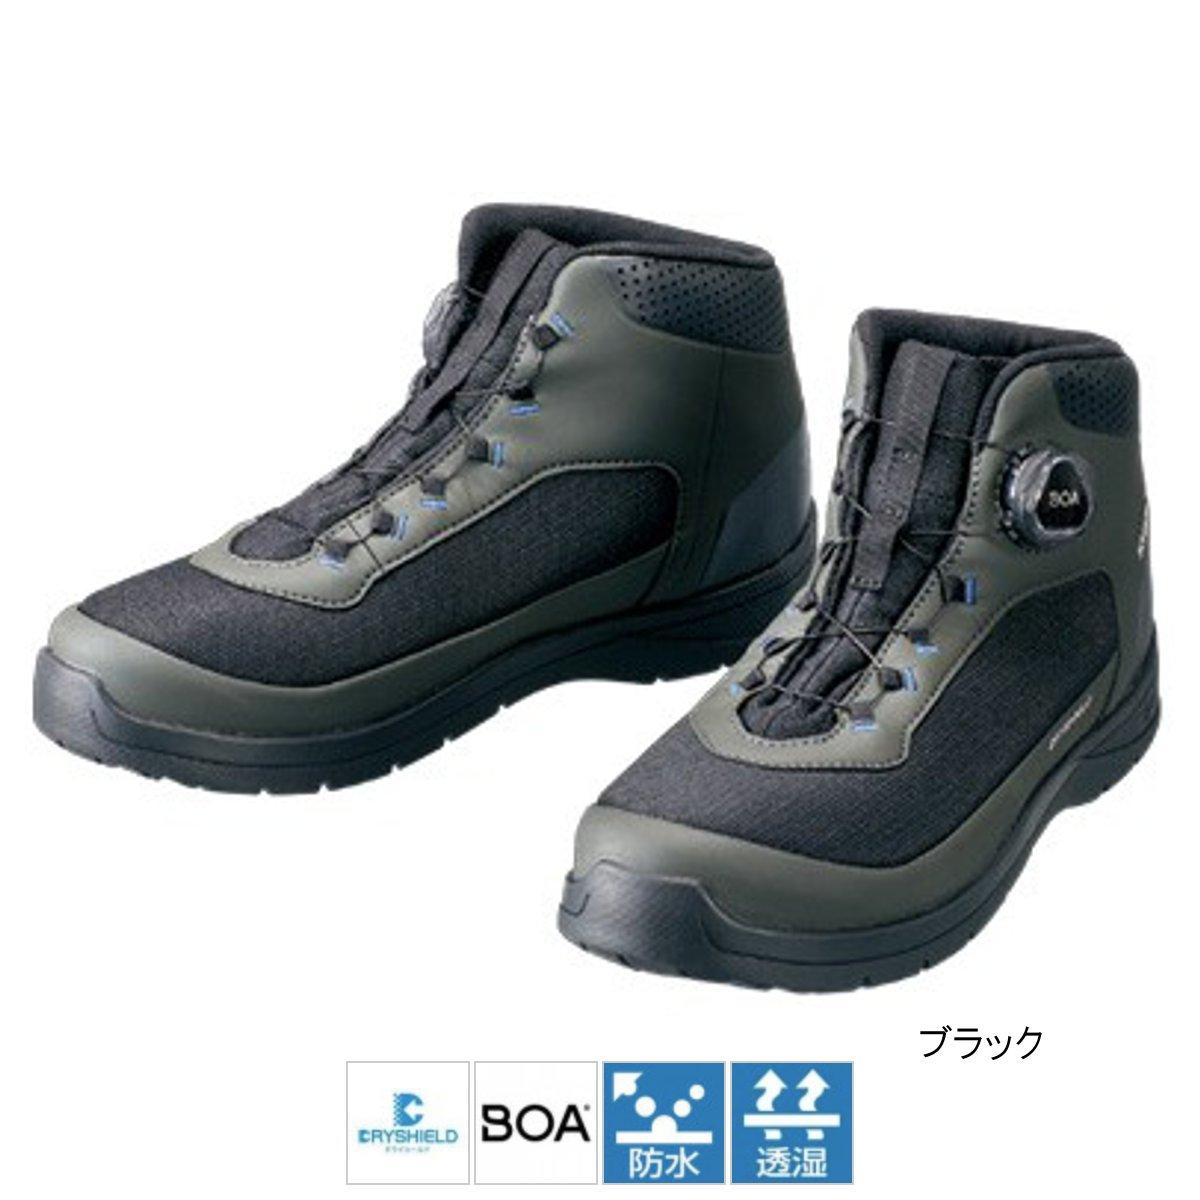 シマノ ドライシールド・デッキラジアルフィットシューズ HW FS-082R 26.0cm ブラック(東日本店)